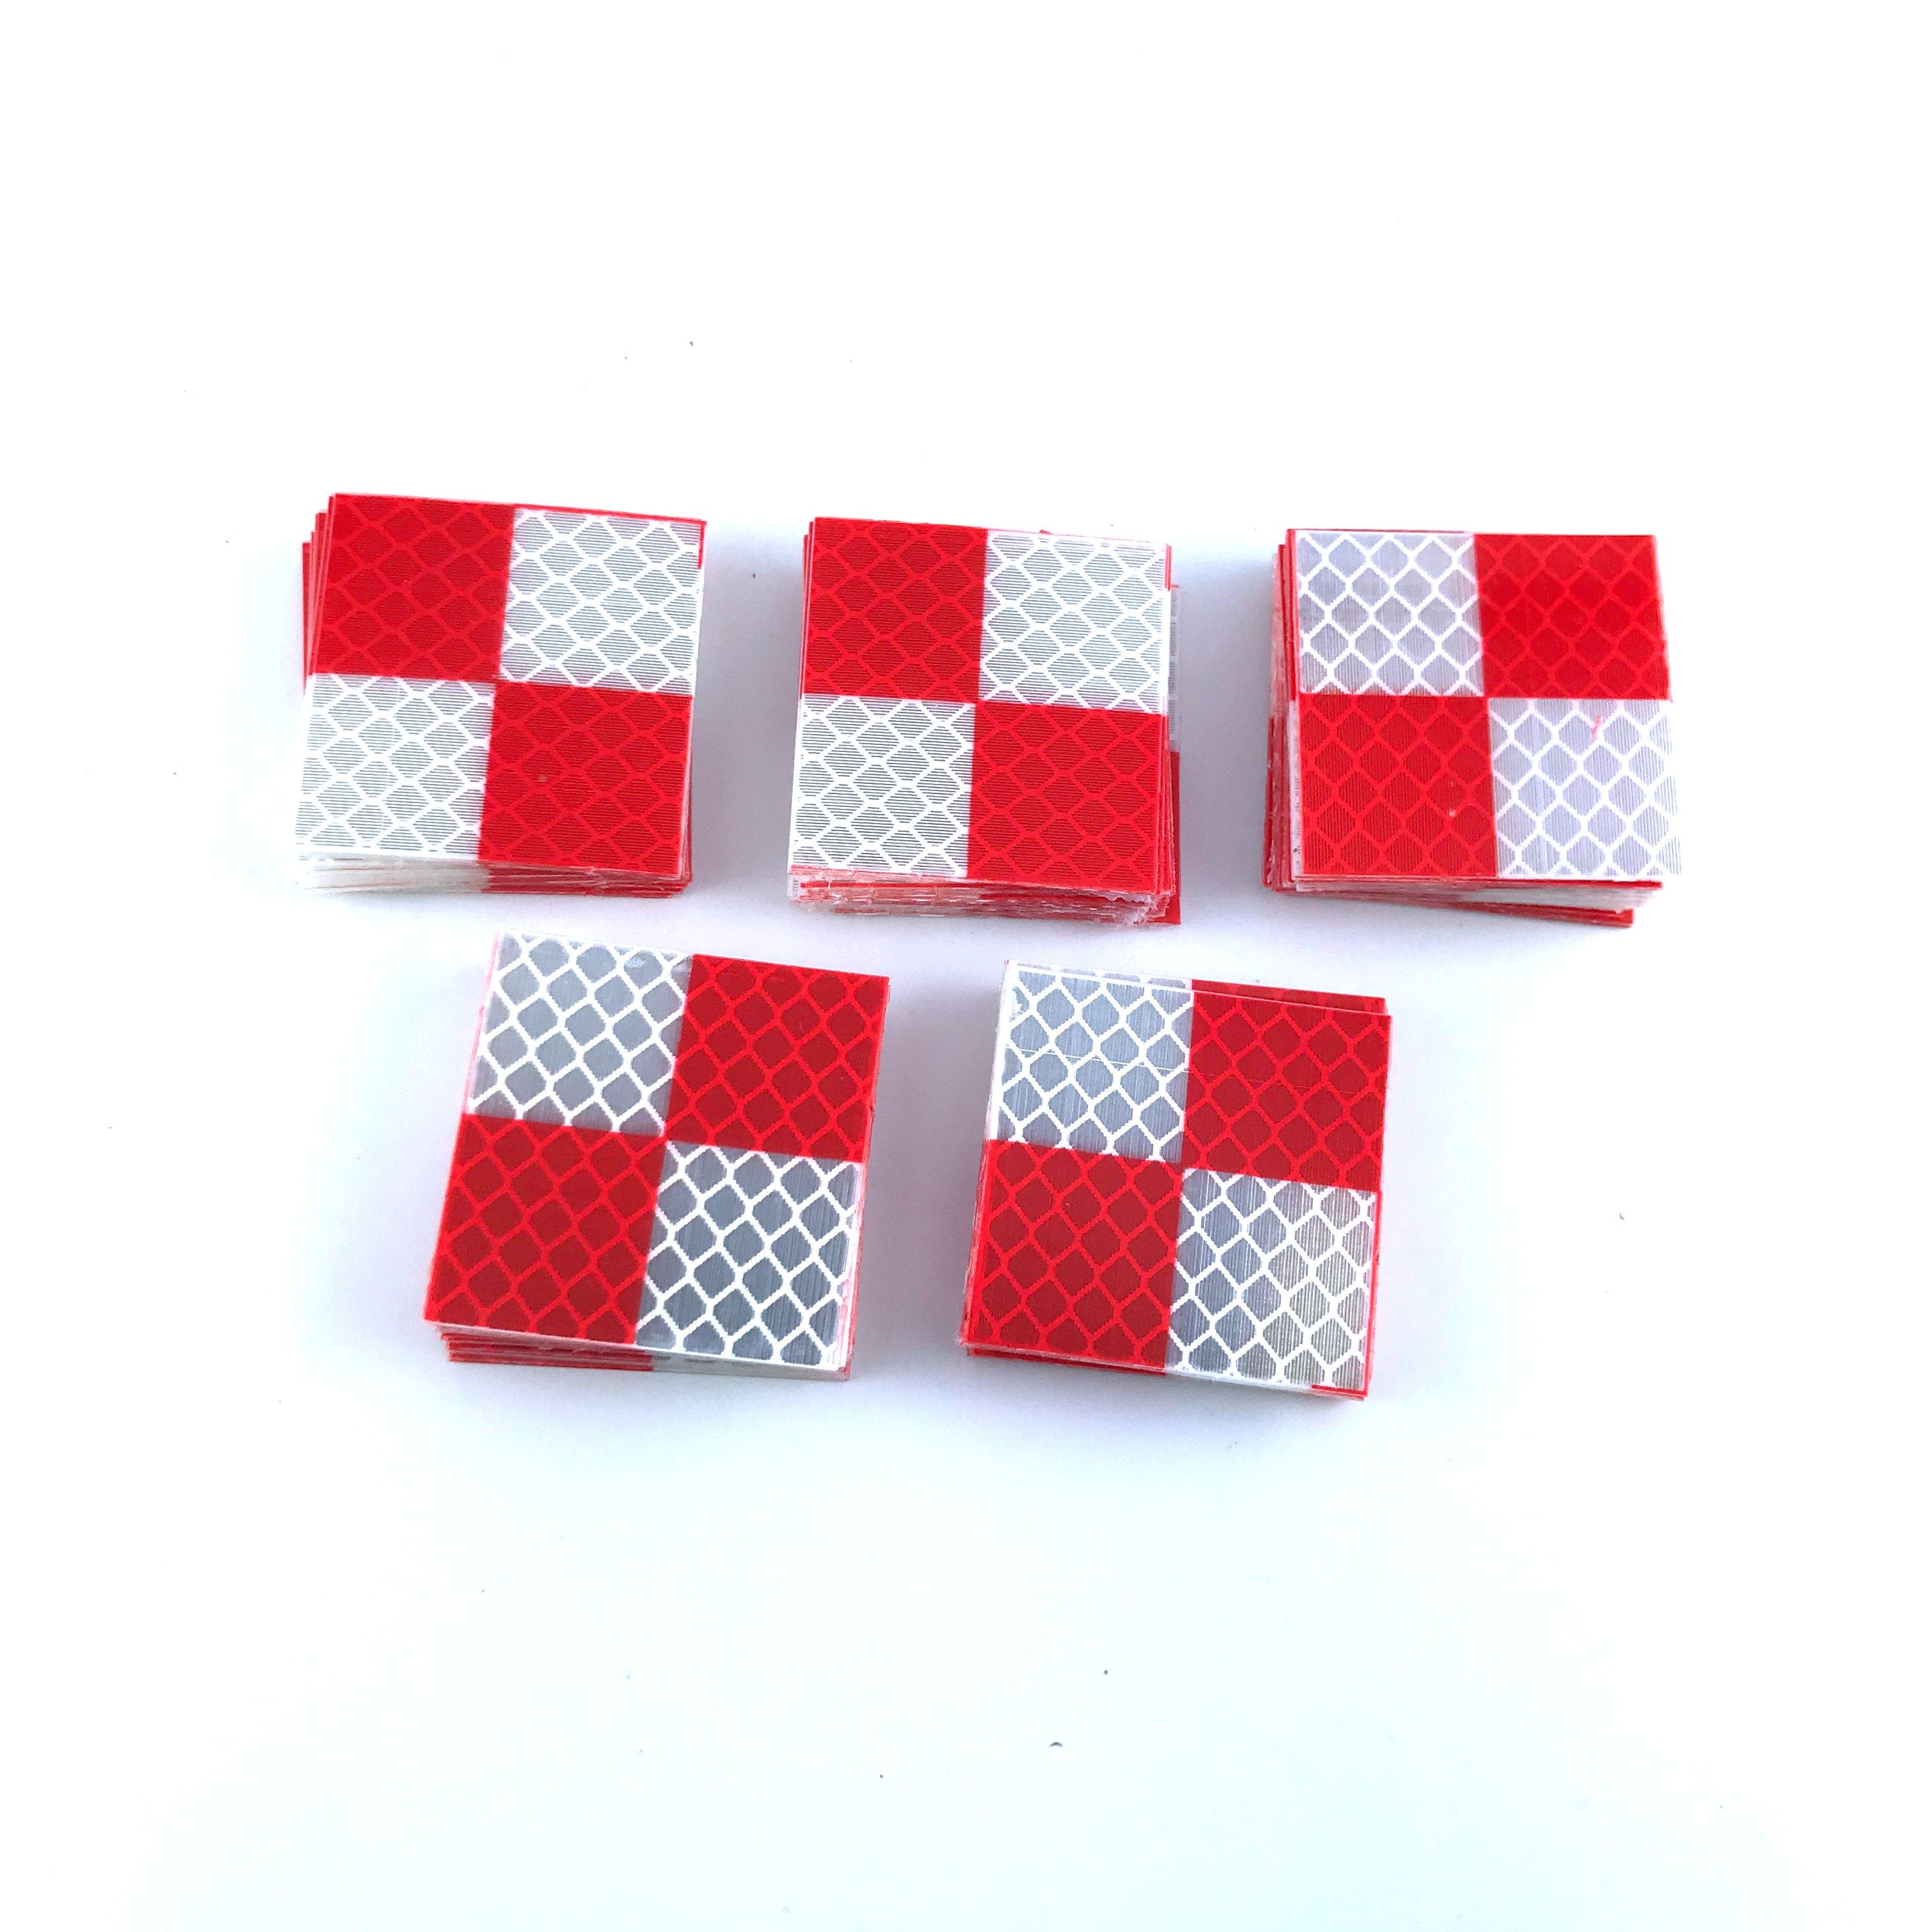 Alvo para o Levantamento de Estações Pces Marca Novo Vermelho Branco Cor Refletor Folha Tamanho 40*40mm Fita Reflexiva Totais 100 2020